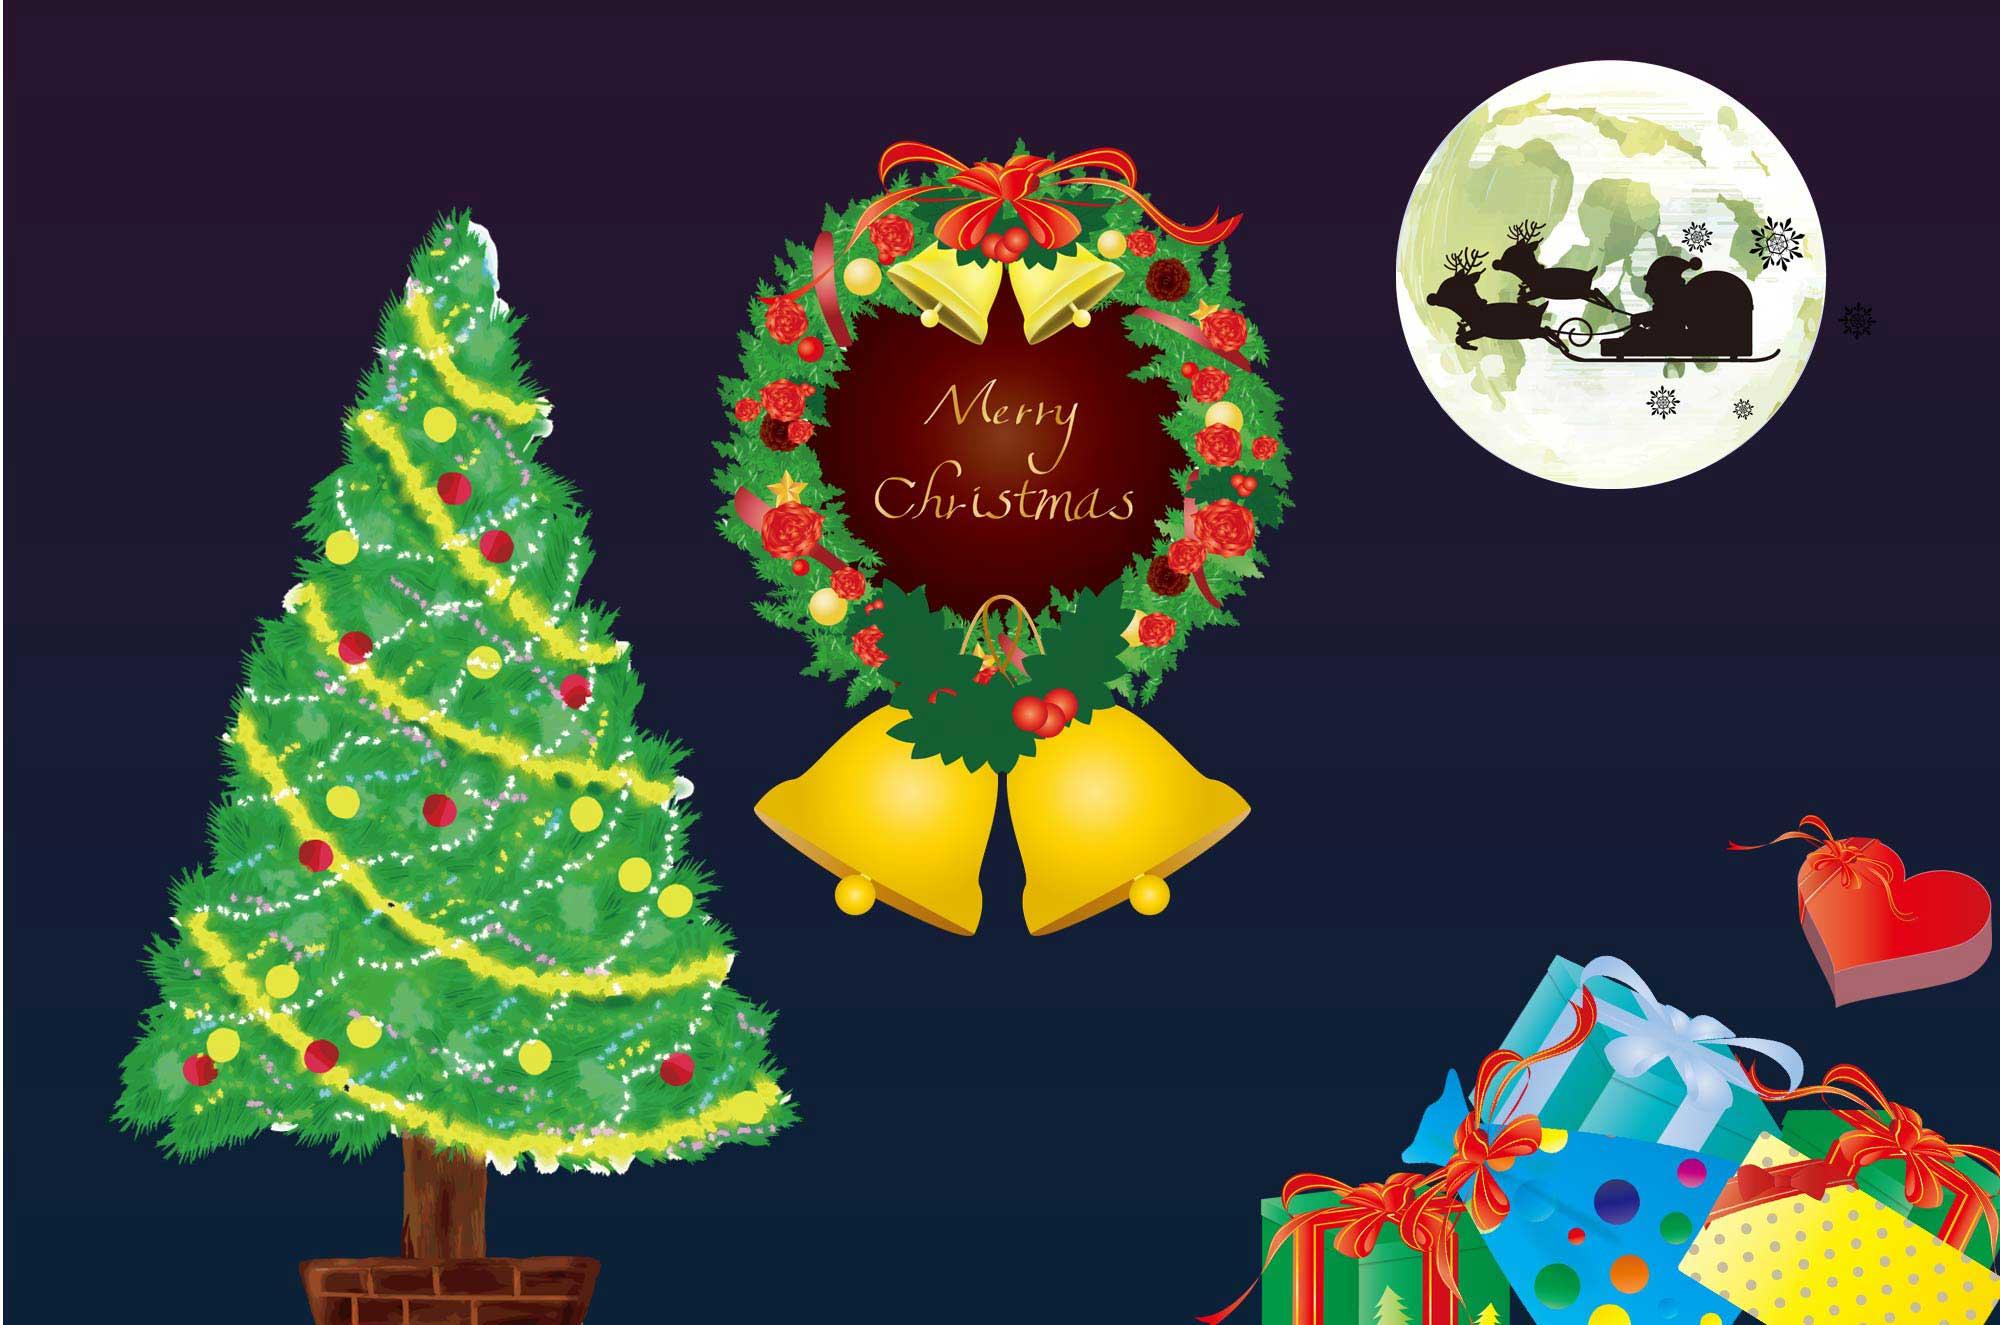 可愛いクリスマスのイラスト - 無料のイベント素材